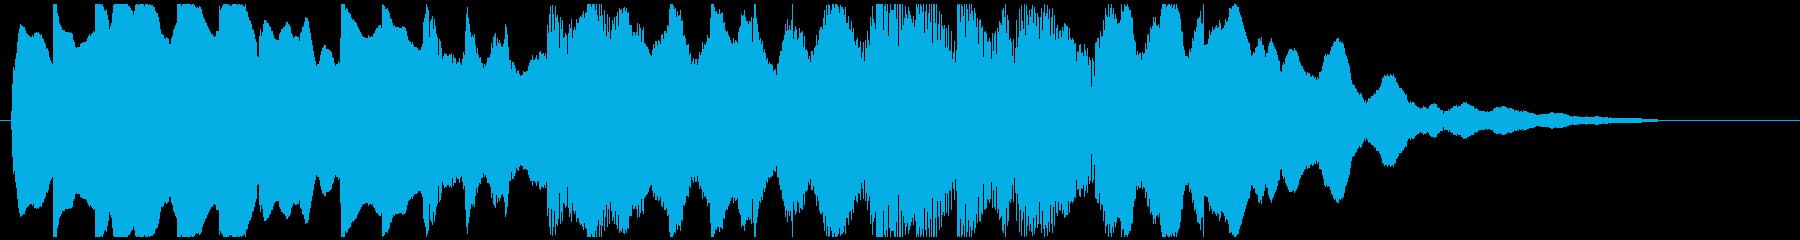 【ジングル/ロゴ】エスニック 鉄琴2の再生済みの波形